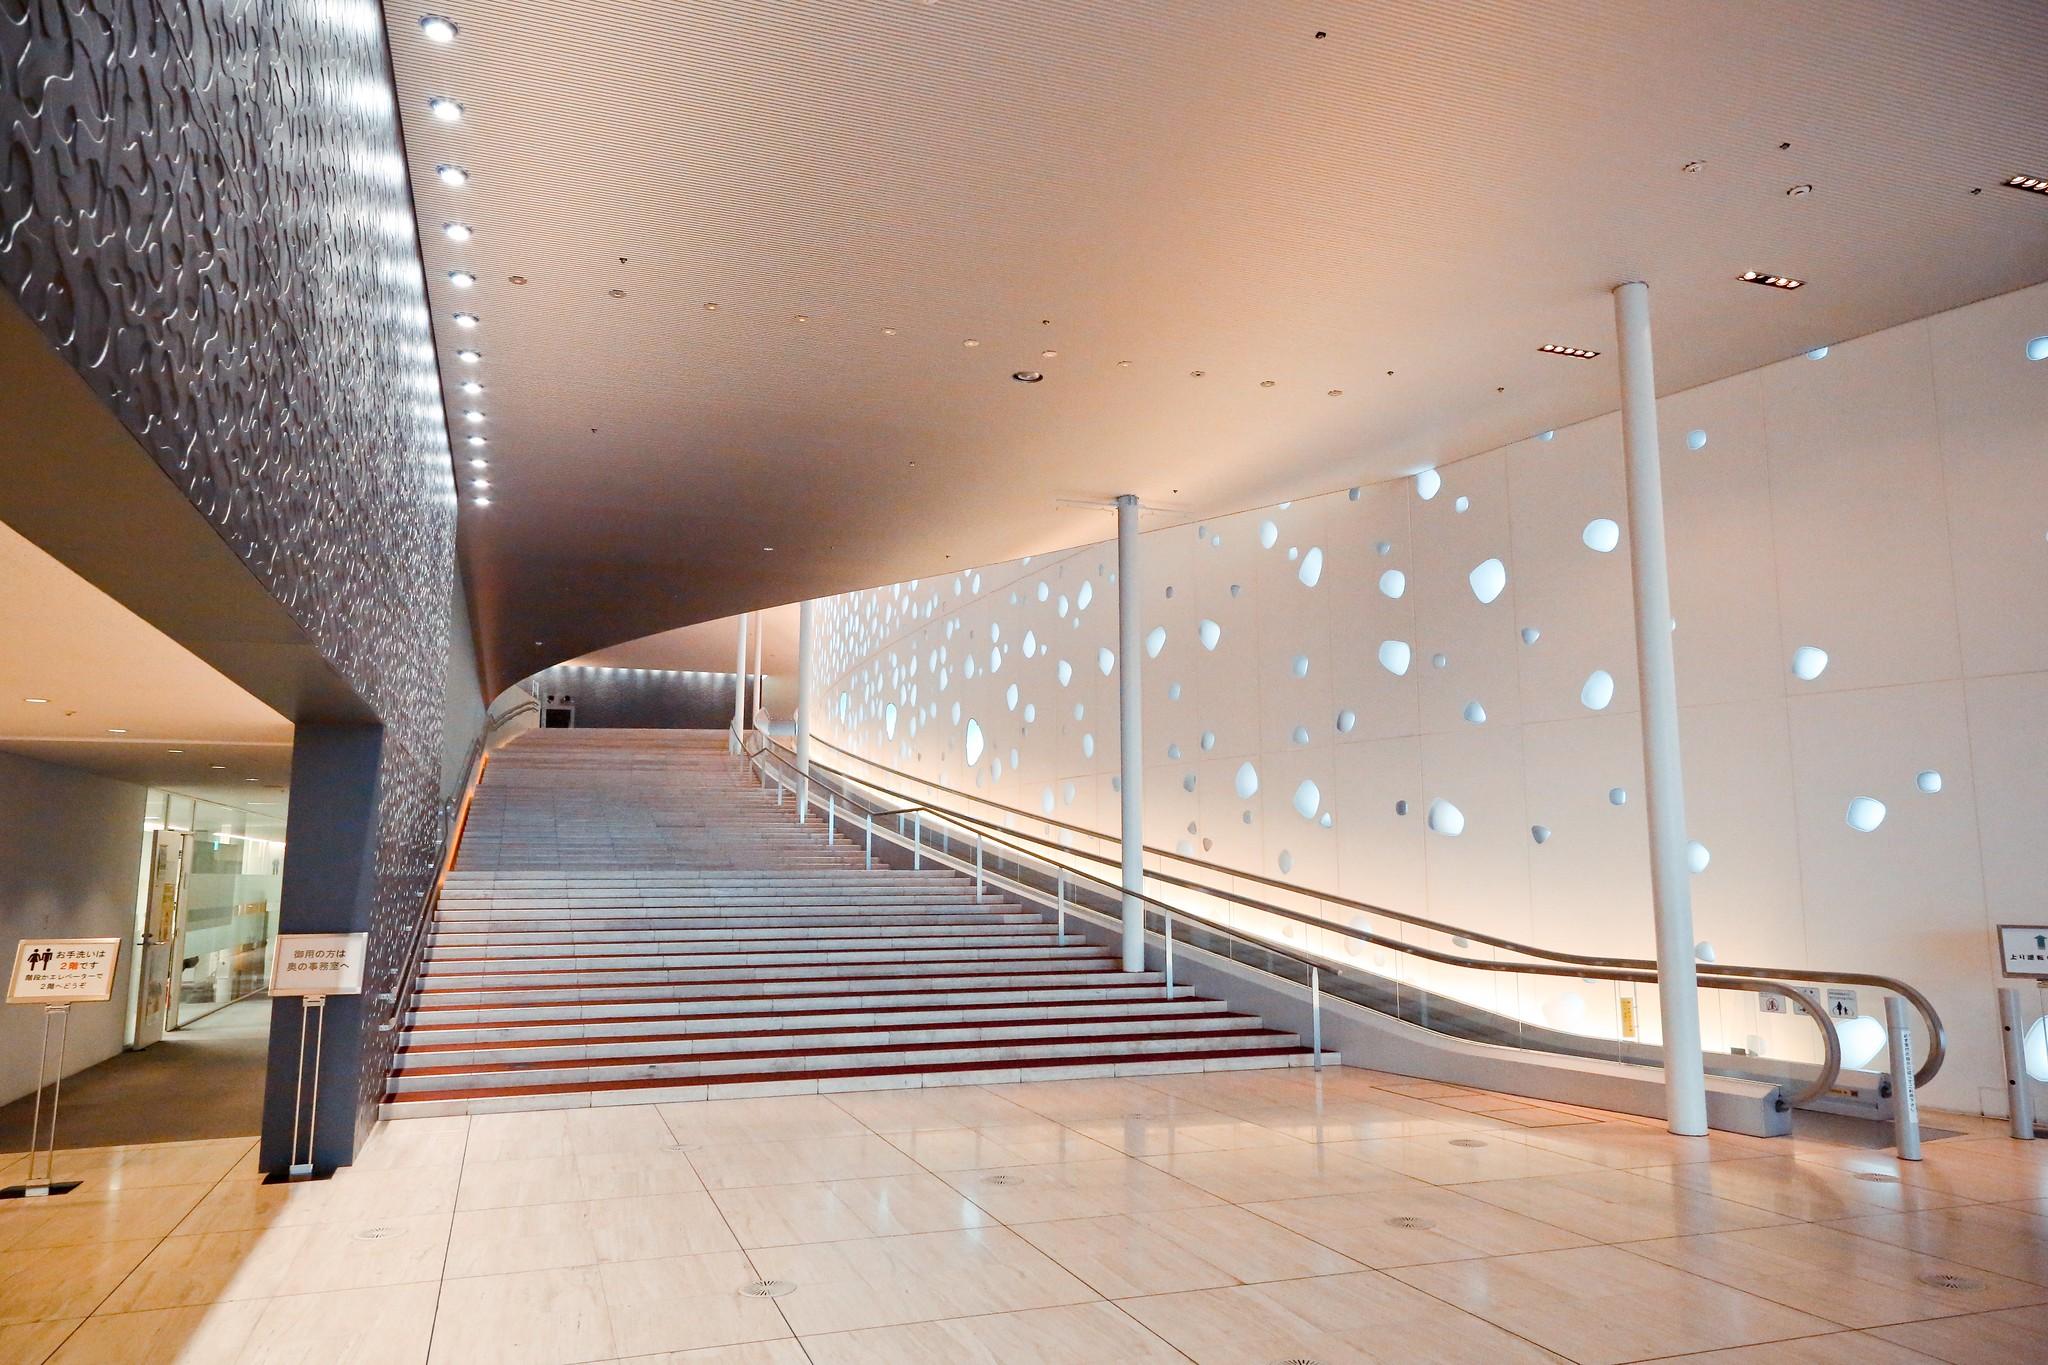 長野県松本市 まつもと市民芸術館 (伊東豊雄)